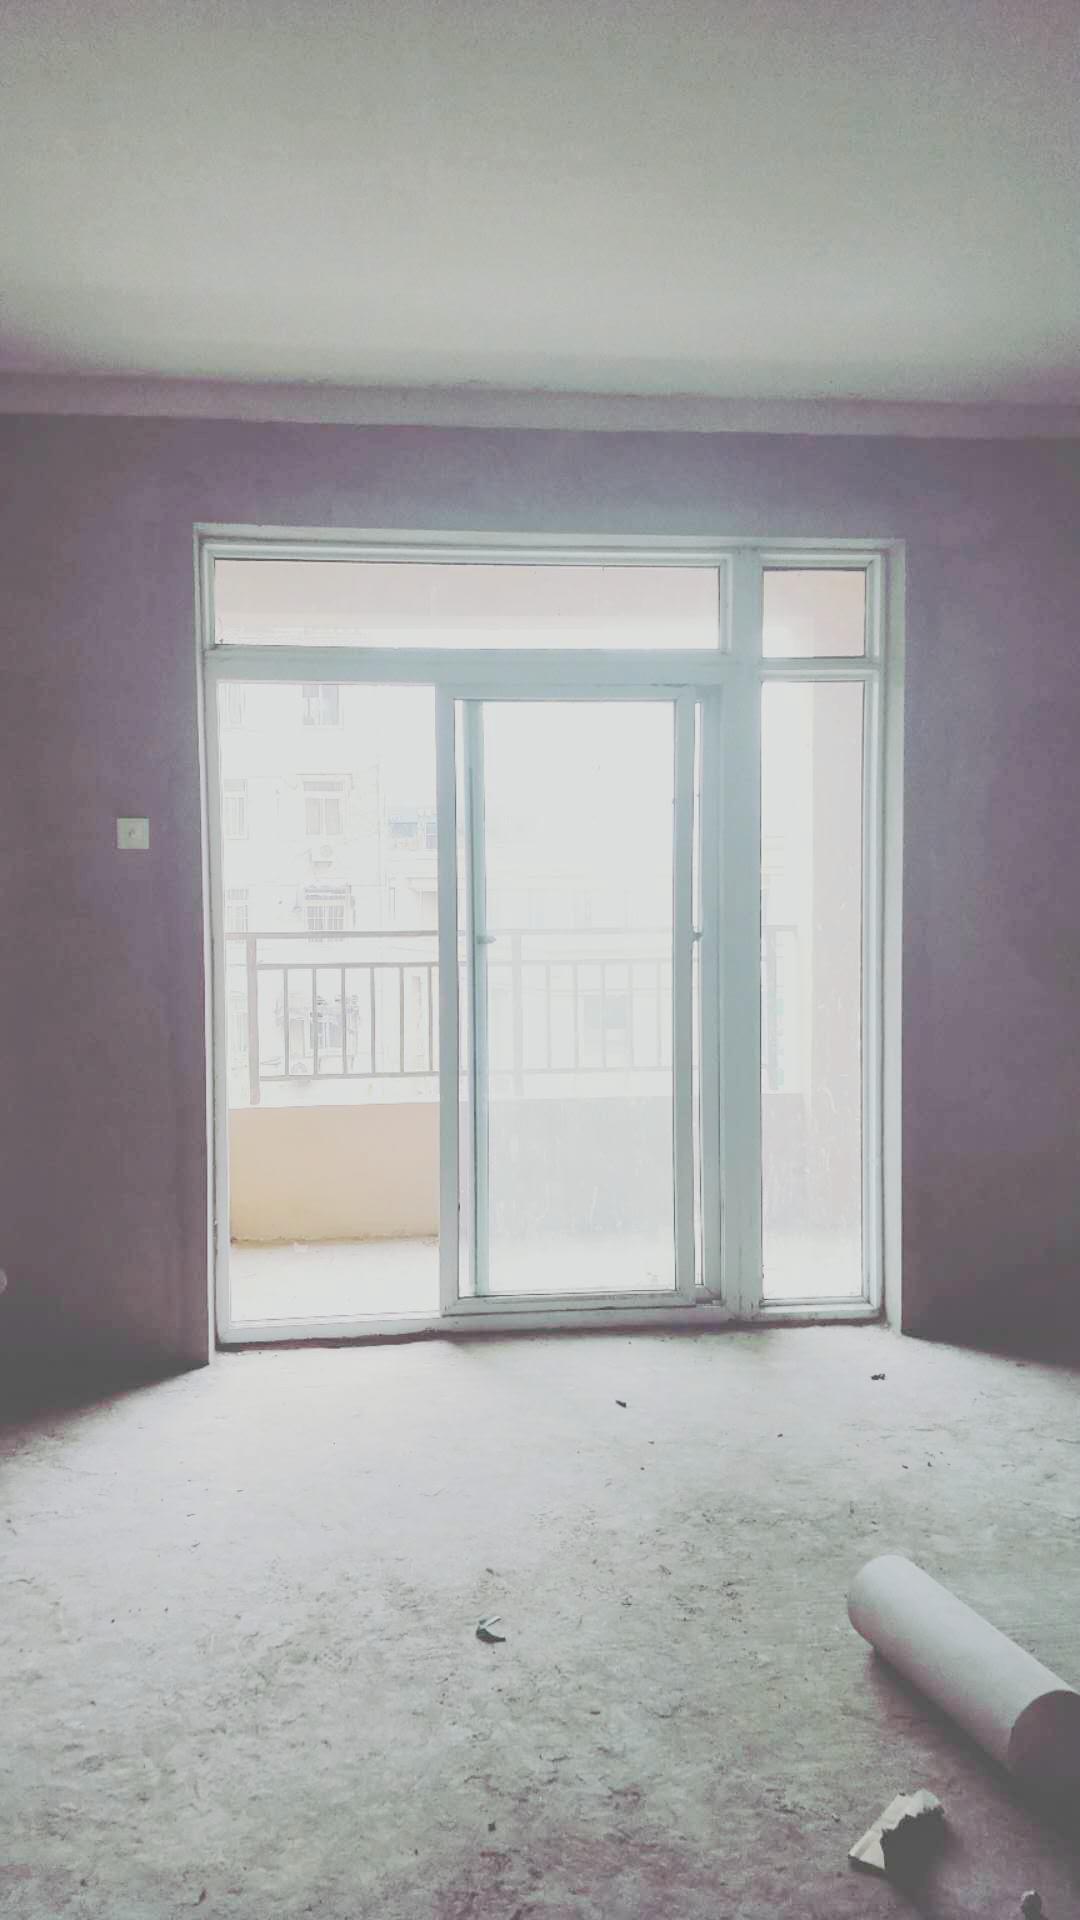 龙湖中心毛坯三房出售_4